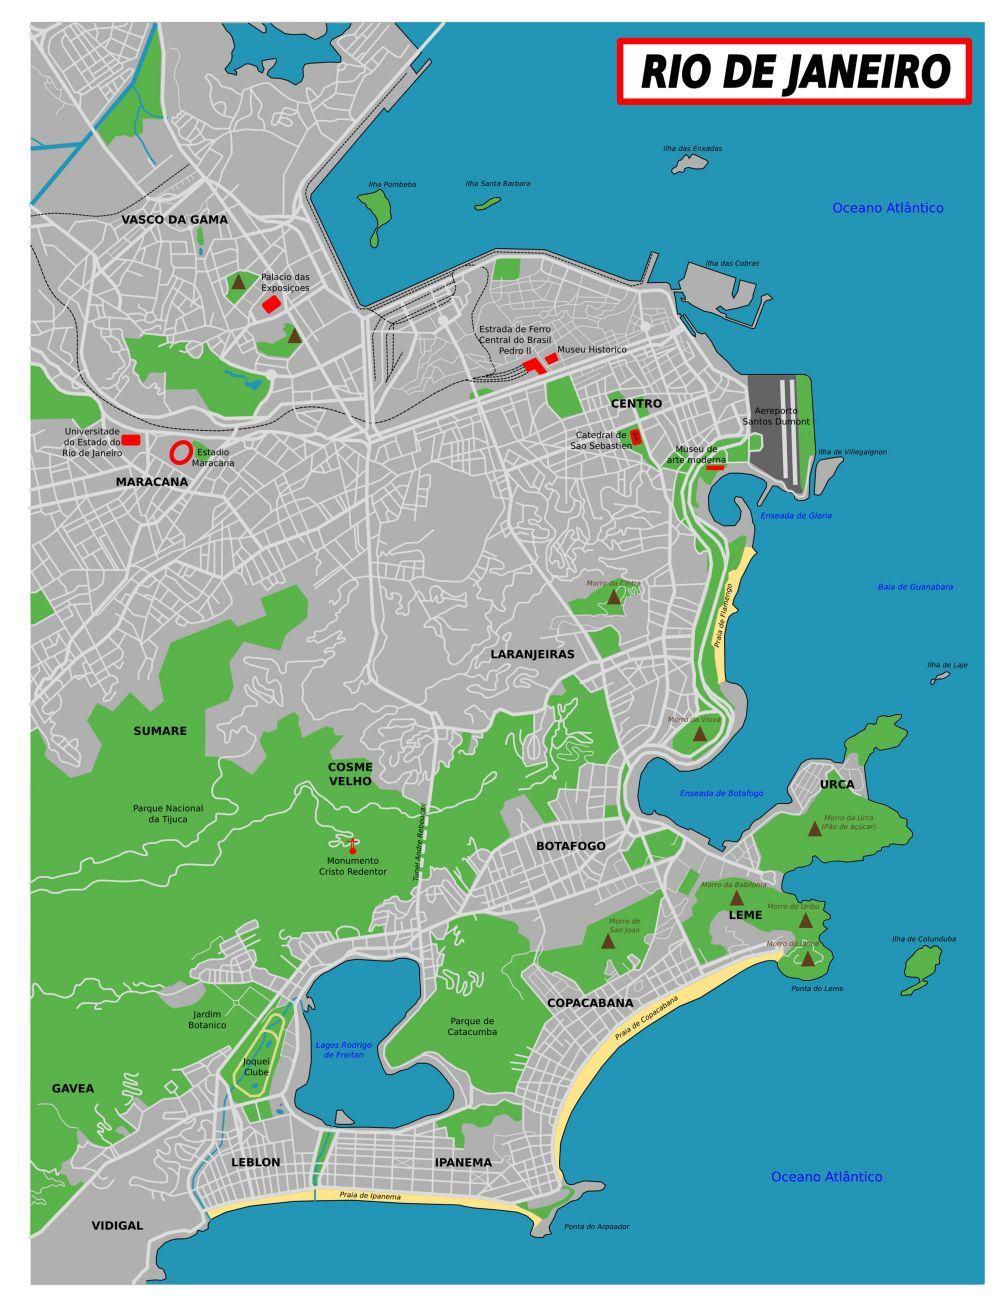 Rio de Janeiro - Karte